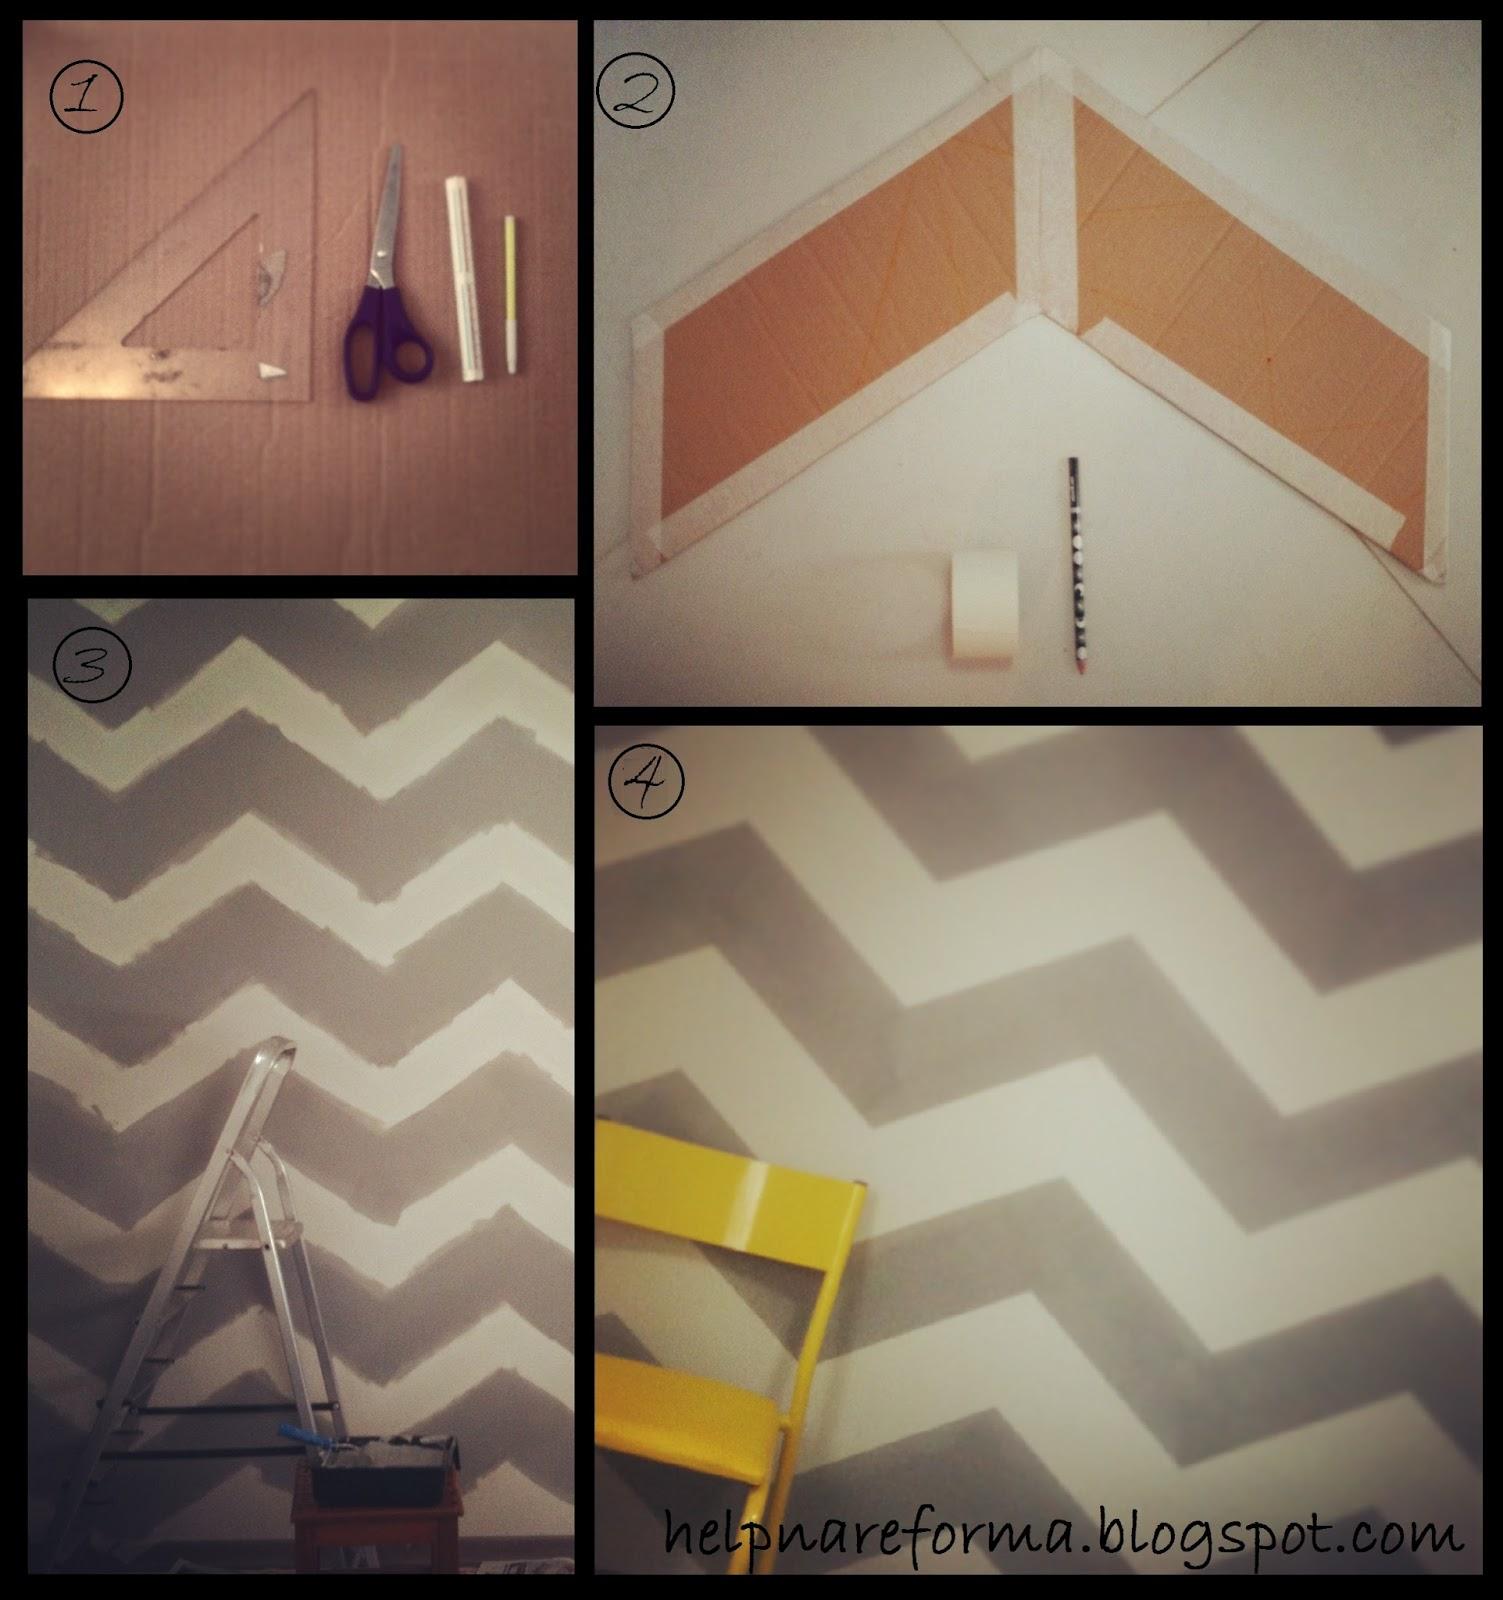 Help na reforma diy pintura que imita papel de parede - Pintura de pizarra para paredes ...